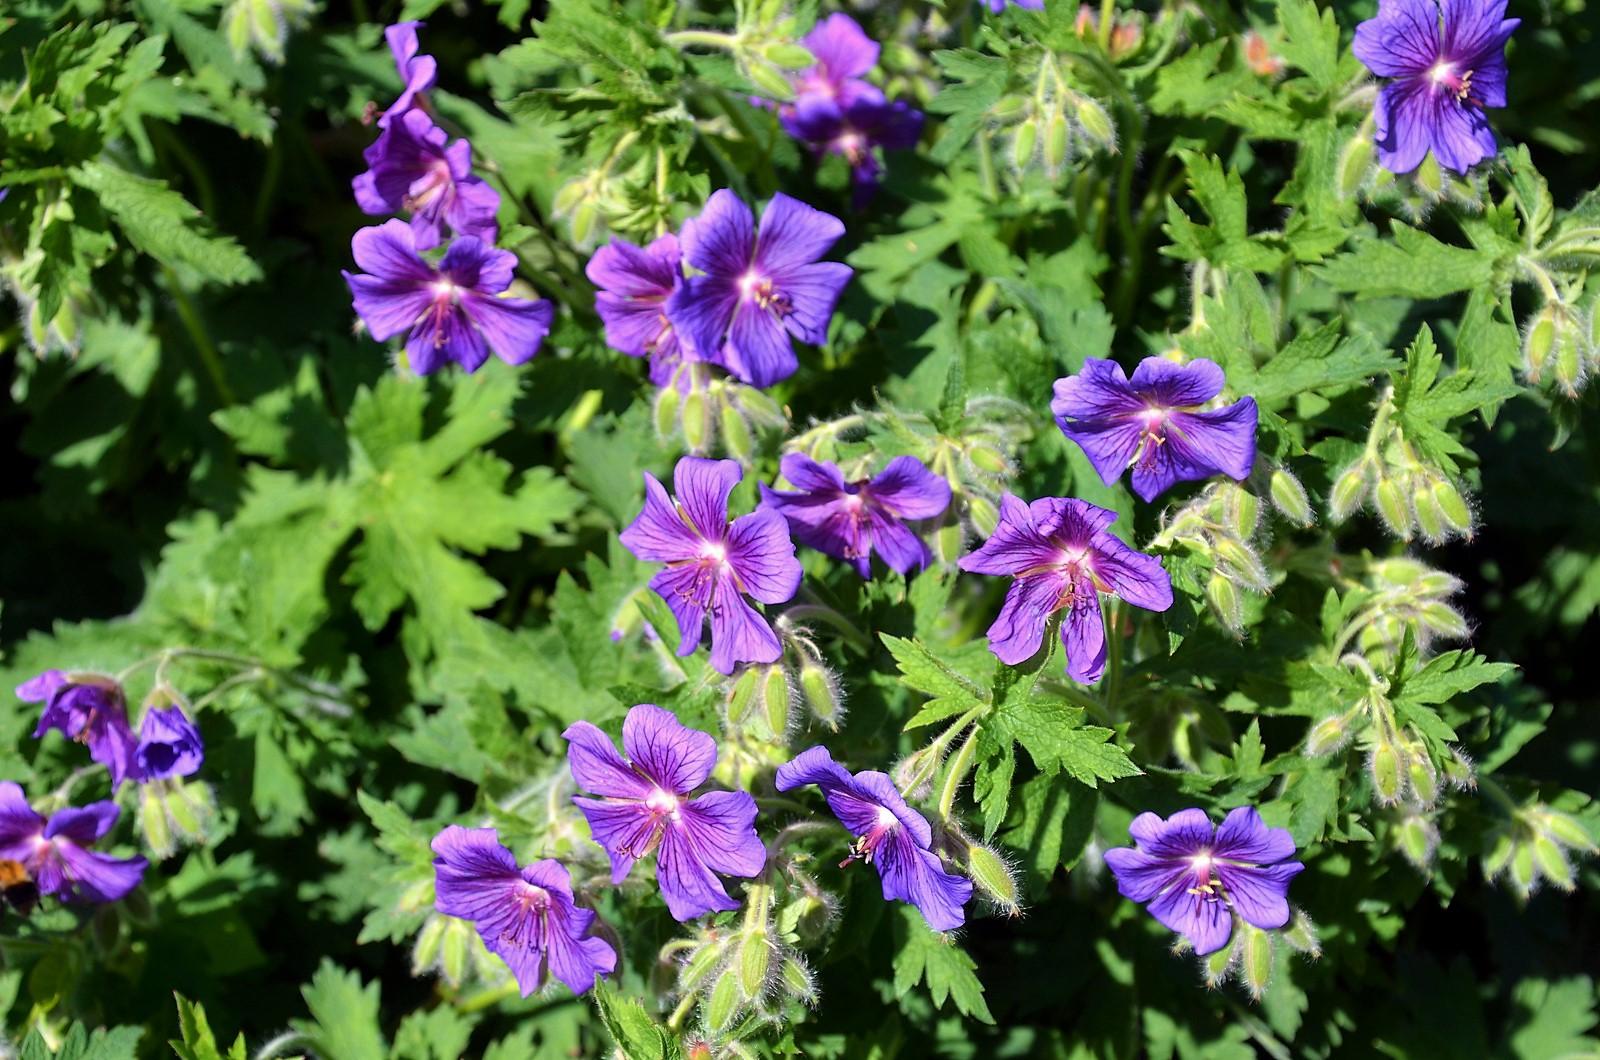 Die vielfältige Pflanze eignet sich als Bodendecker, für Beetbepflanzungen und als dekorative Kübelpflanze. Sie ist überaus pflegeleicht und wird sogar von Raupen und Schnecken verschont. (Foto: © Martina Hörle)